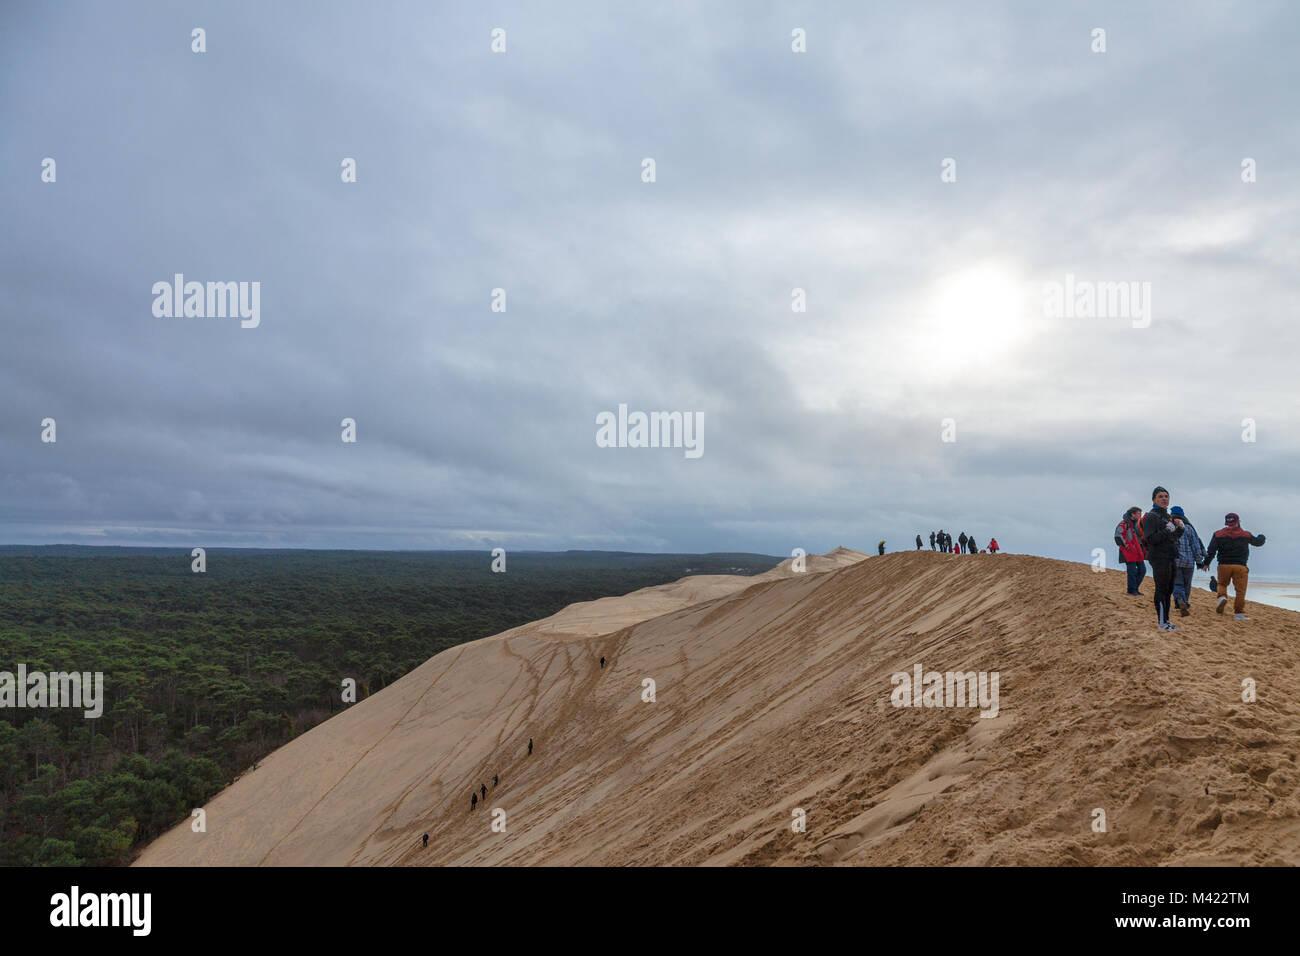 PILAT, FRANCE - DECEMBER 28, 2017: Tourists climbing the Pilat Dune (Dune du Pilat) during a cloudy afternoon. Pilat, - Stock Image